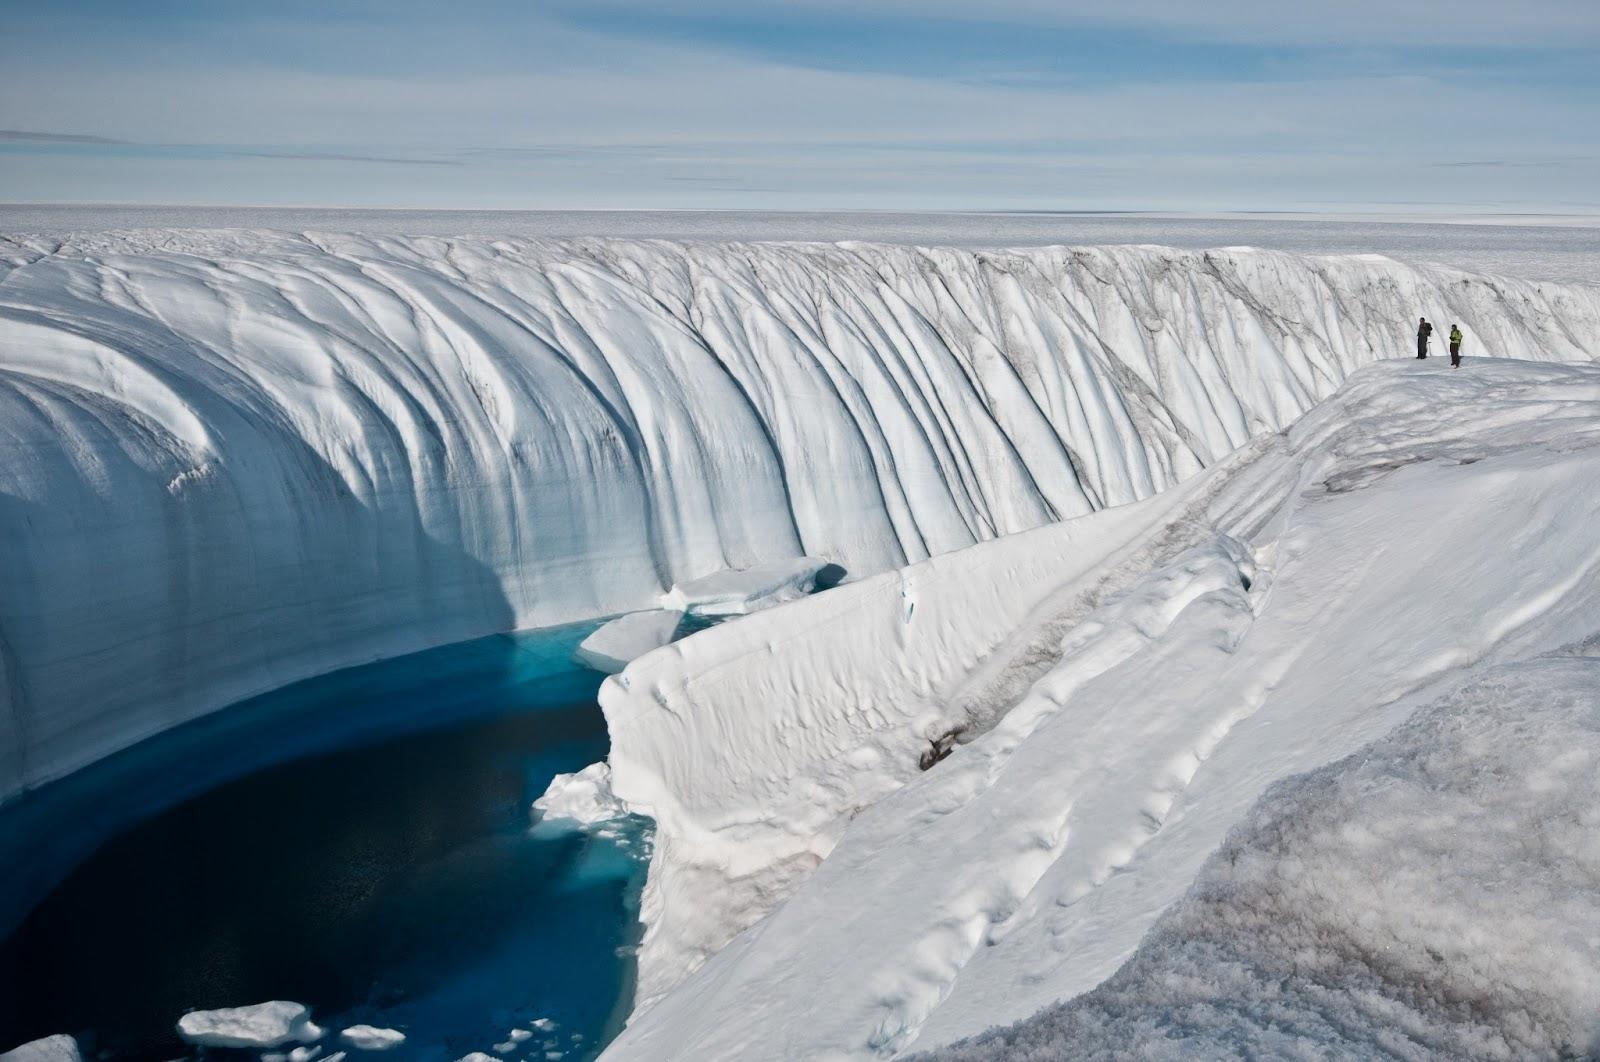 The Amazing Ice Canyon...